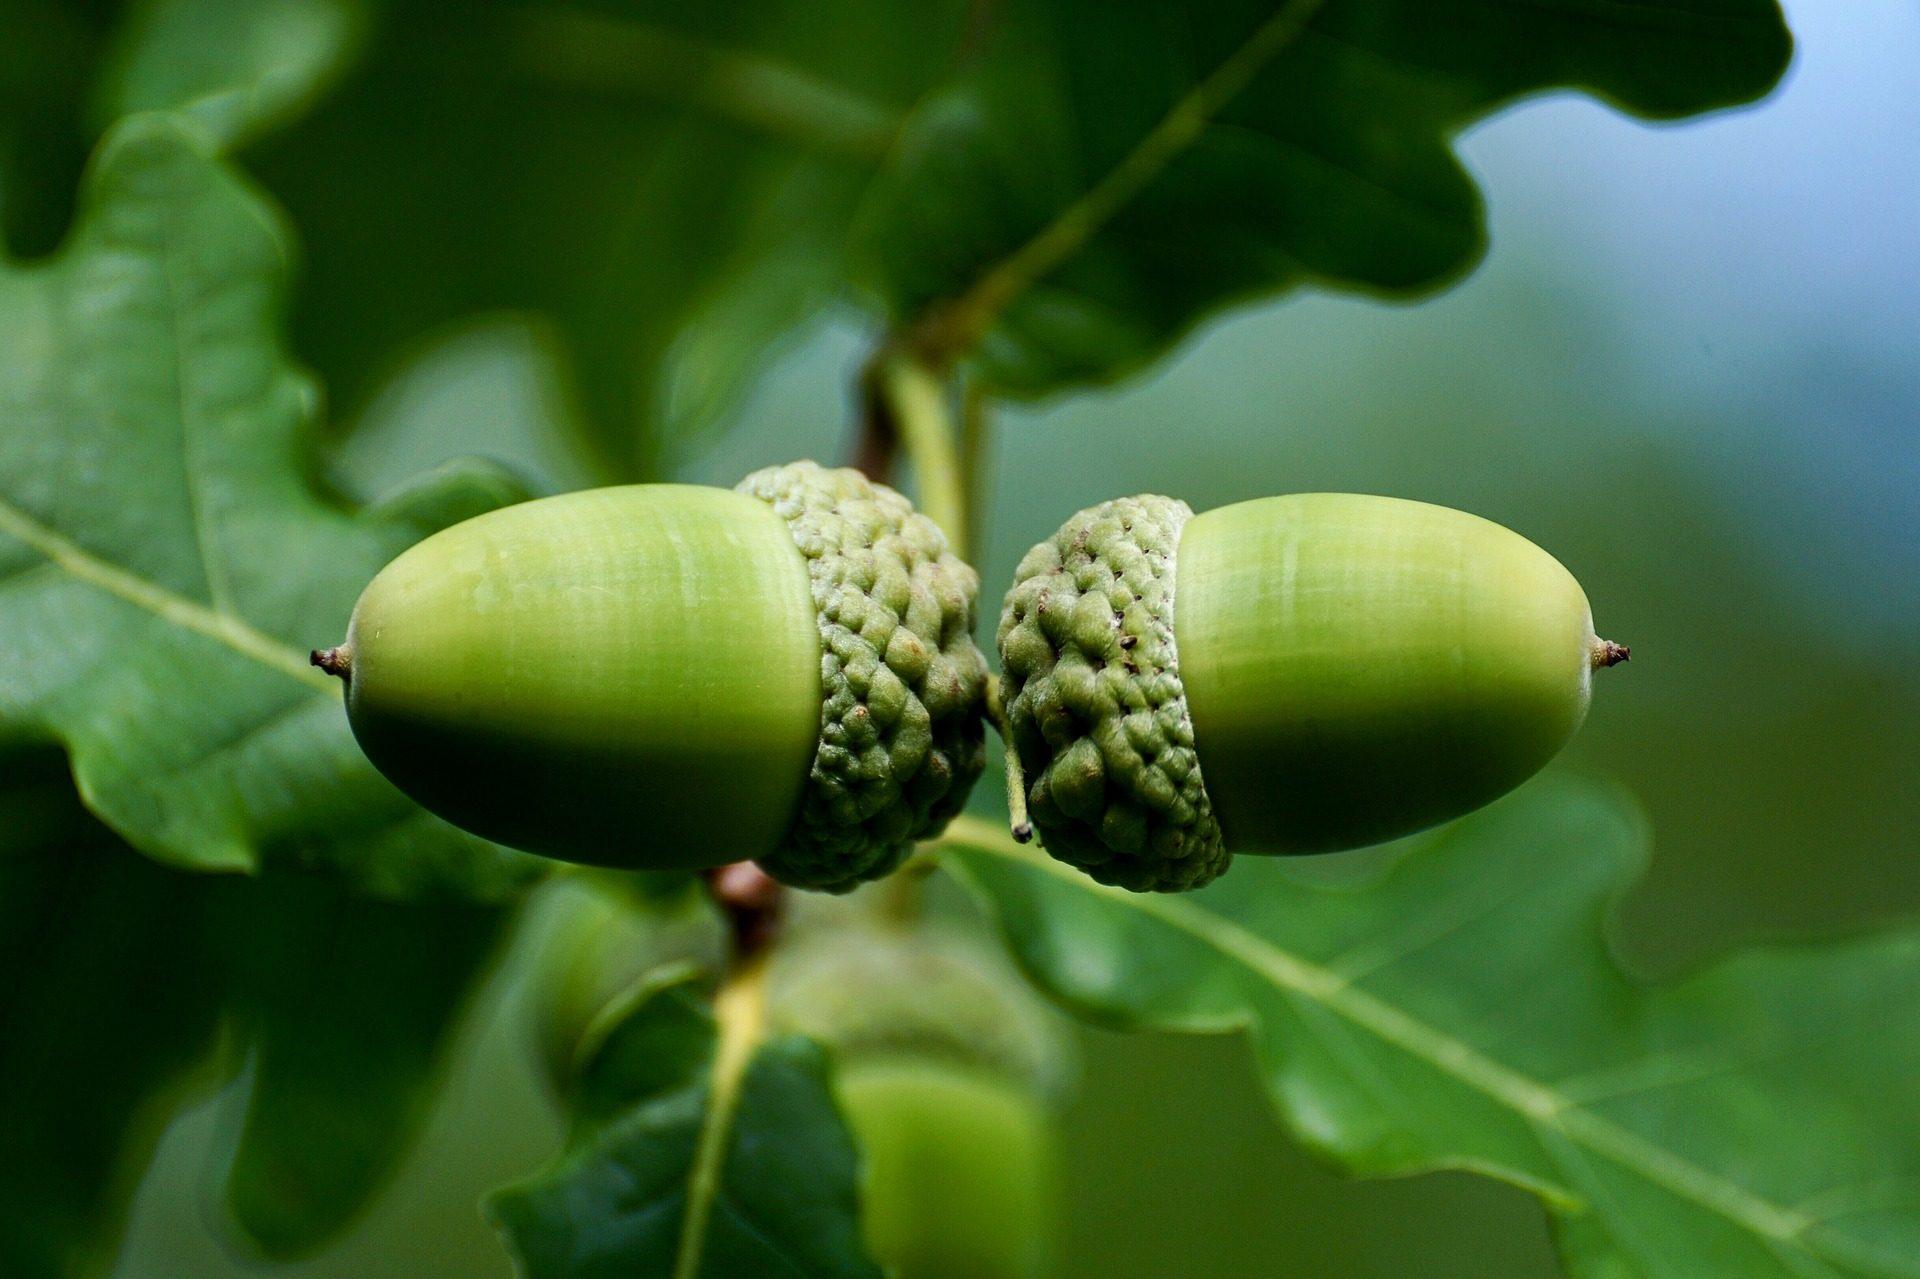 Βελανίδια, φρούτα, κοχύλια, δέντρο, υποκατάστημα, Encina - Wallpapers HD - Professor-falken.com